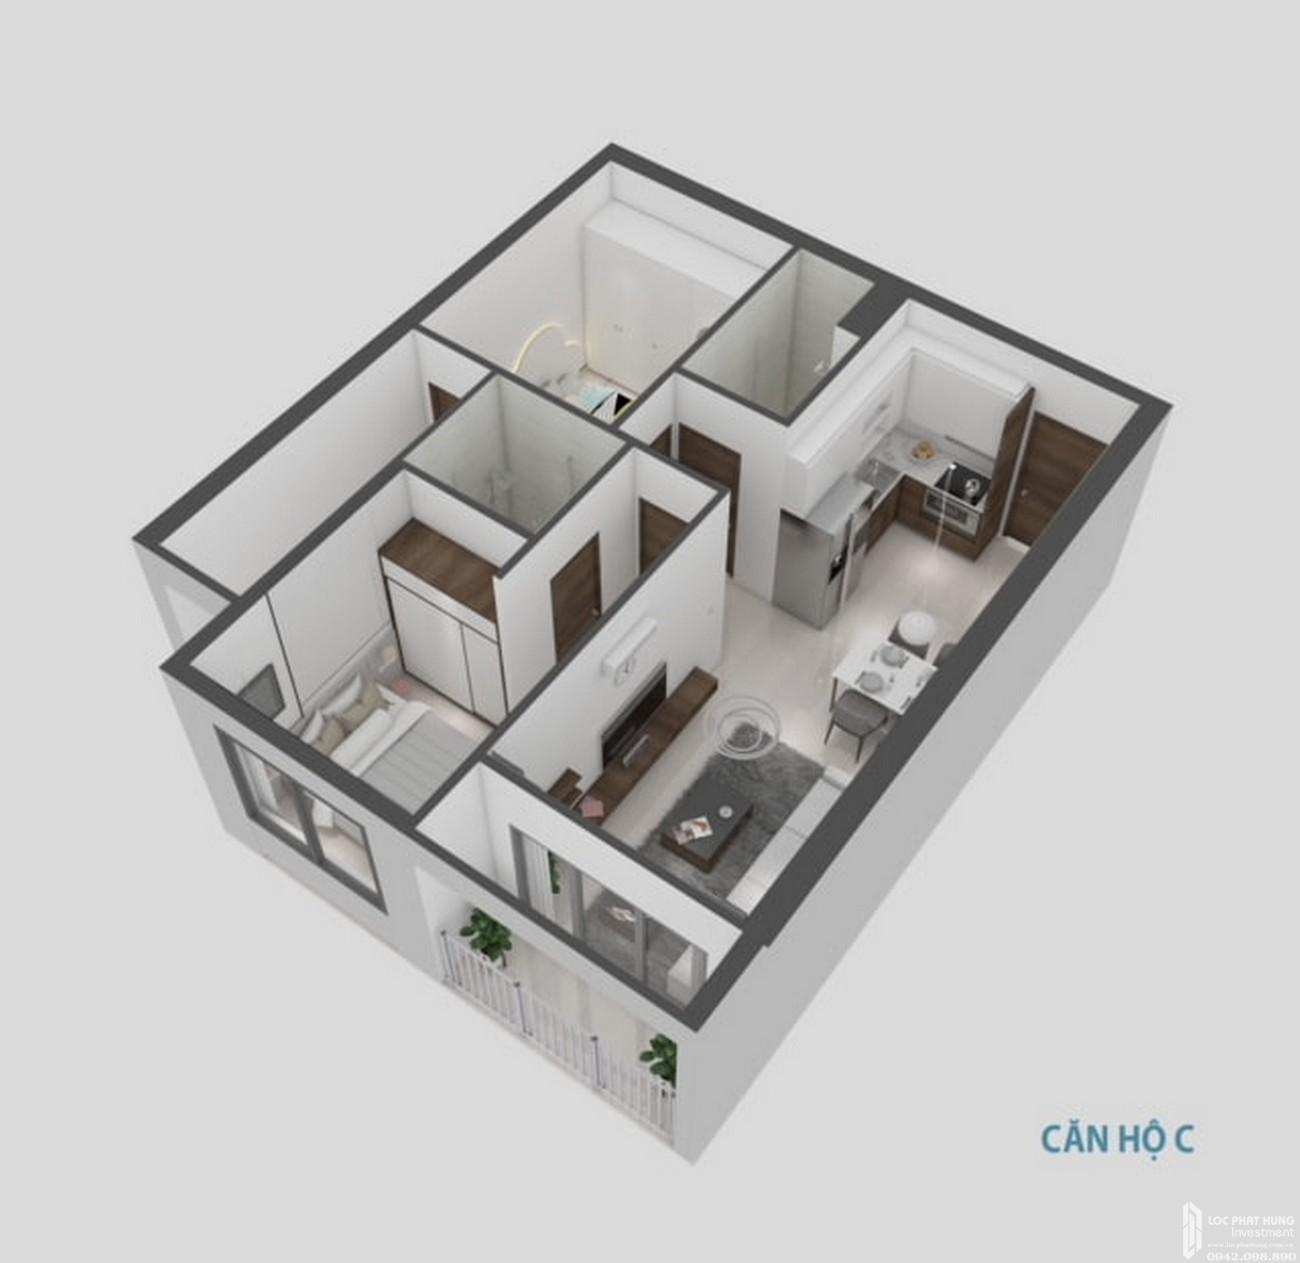 Thiết kế dự án căn hộ chung cư Goldora Plaza Nhà Bè Đường Lê Văn Lương chủ đầu tư Tematco